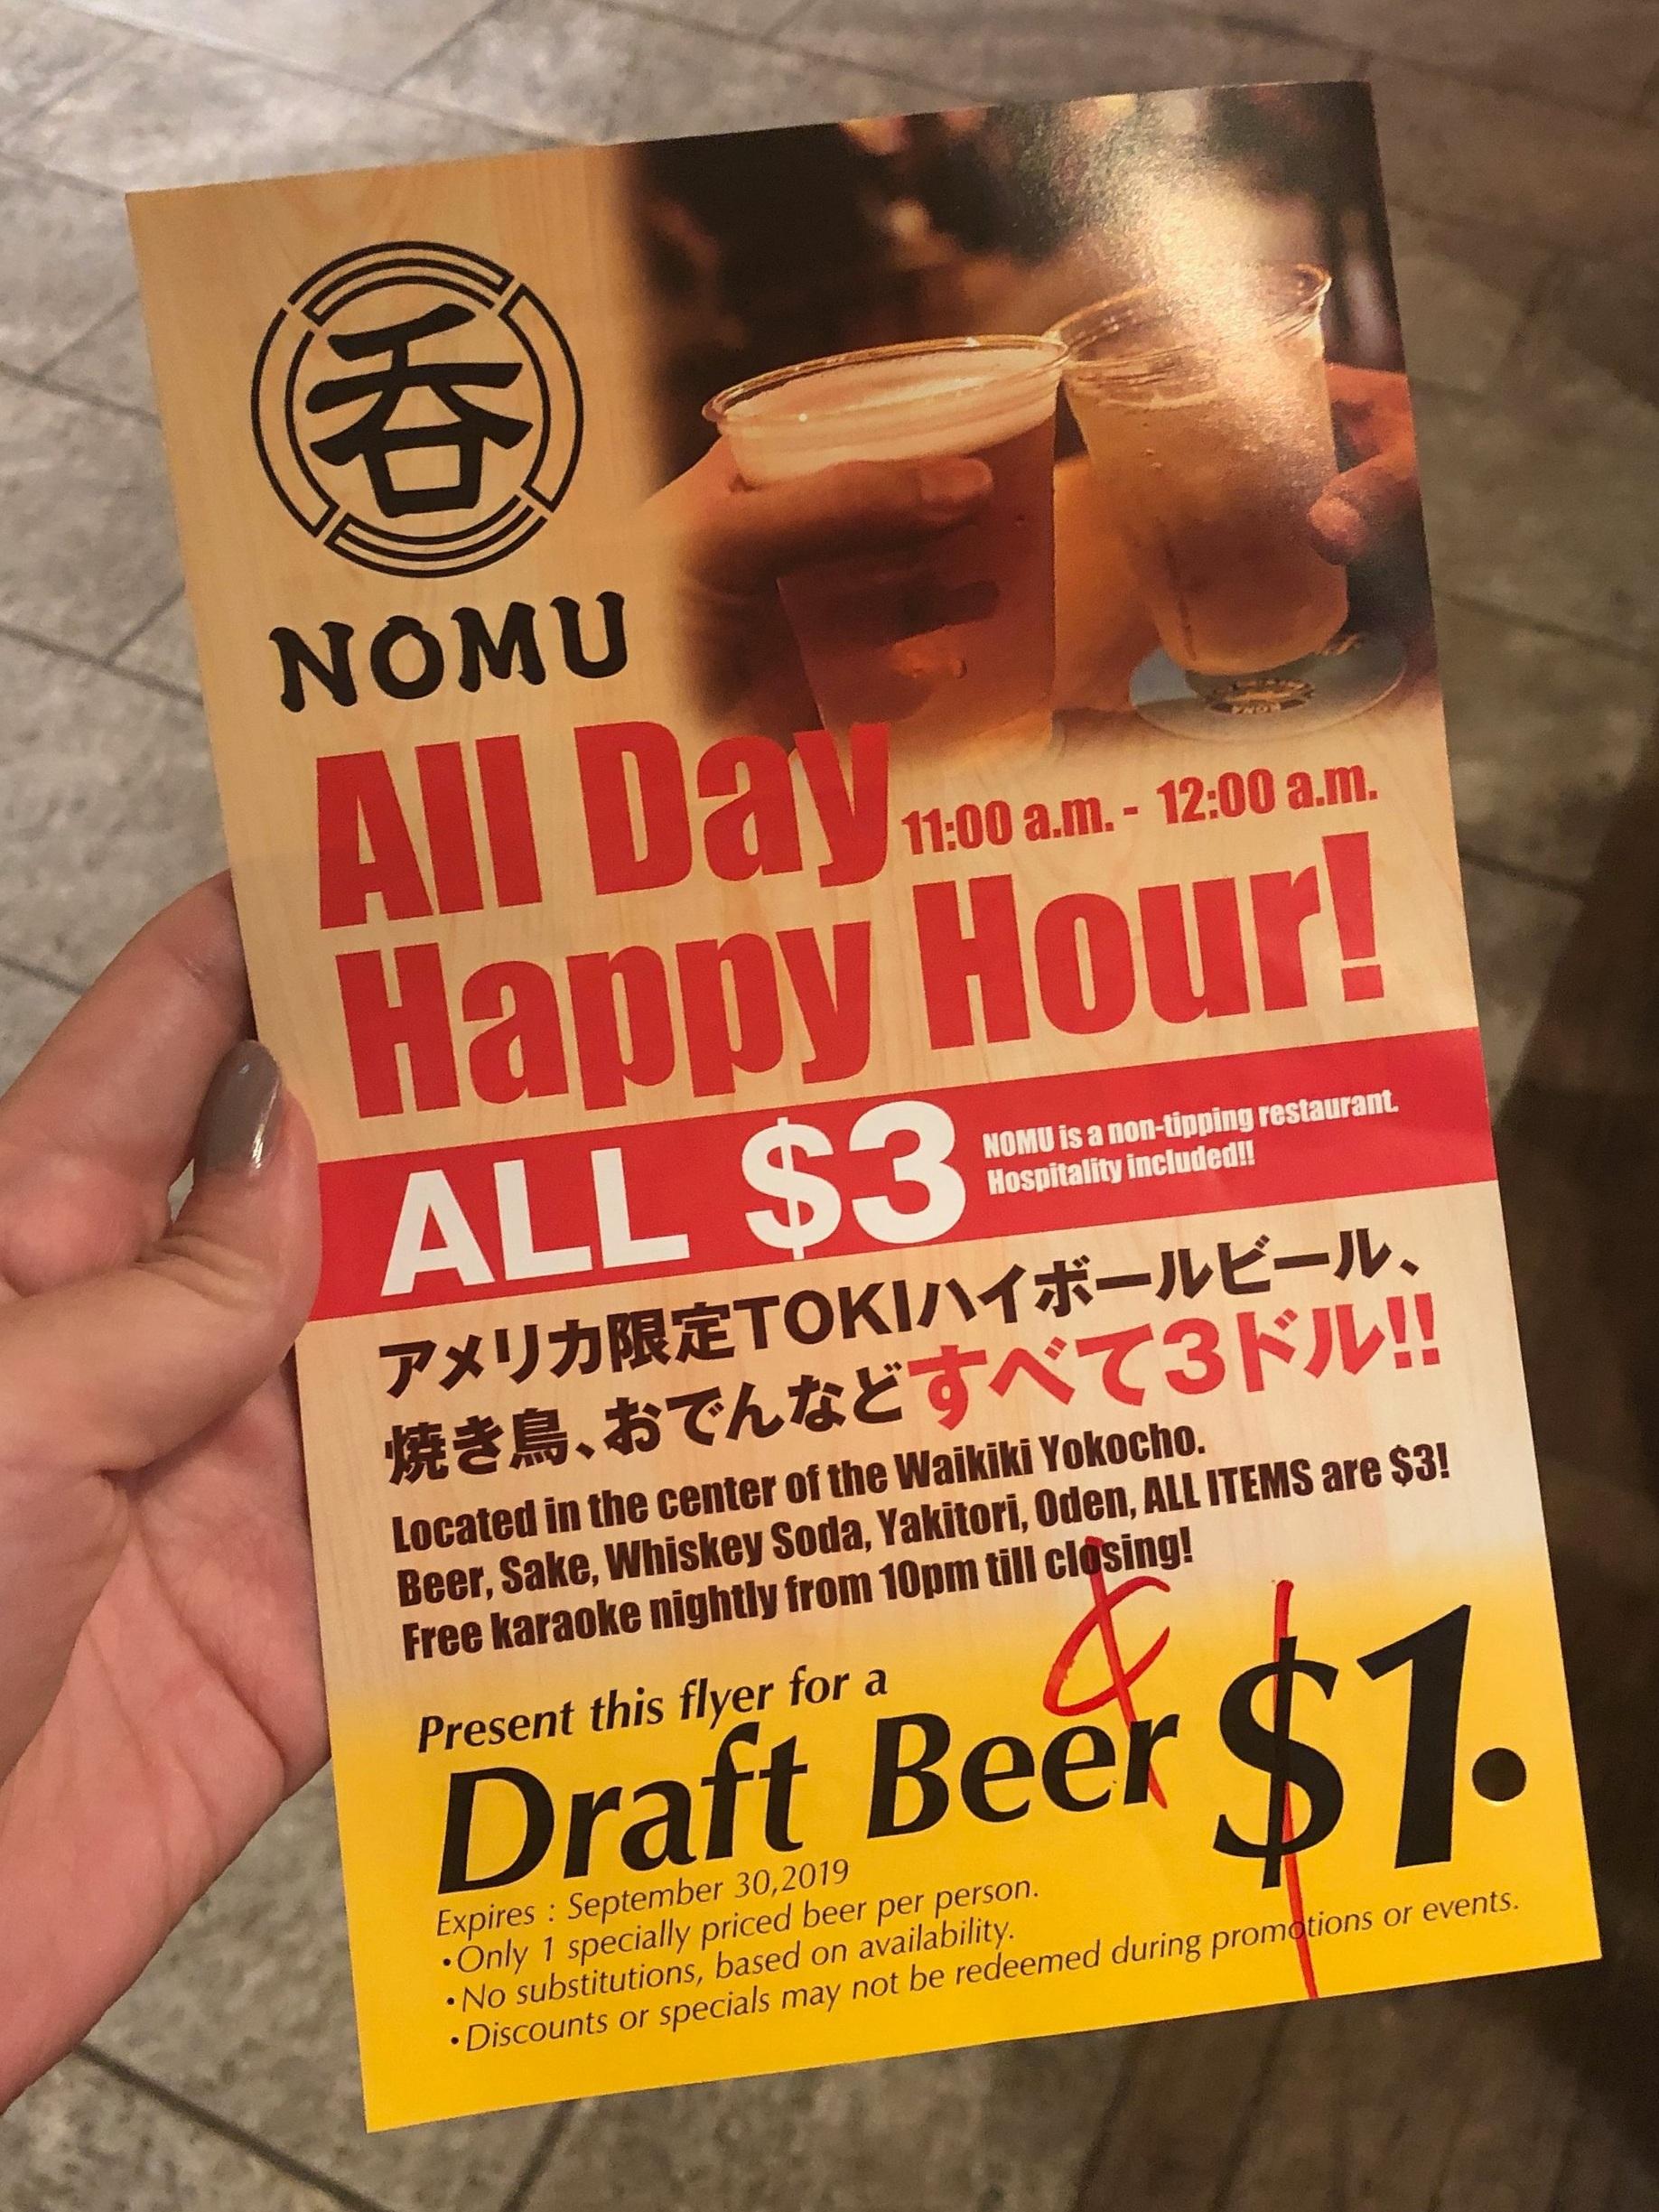 1 Cent Beers at Waikiki Yokocho: Bring This Flyer